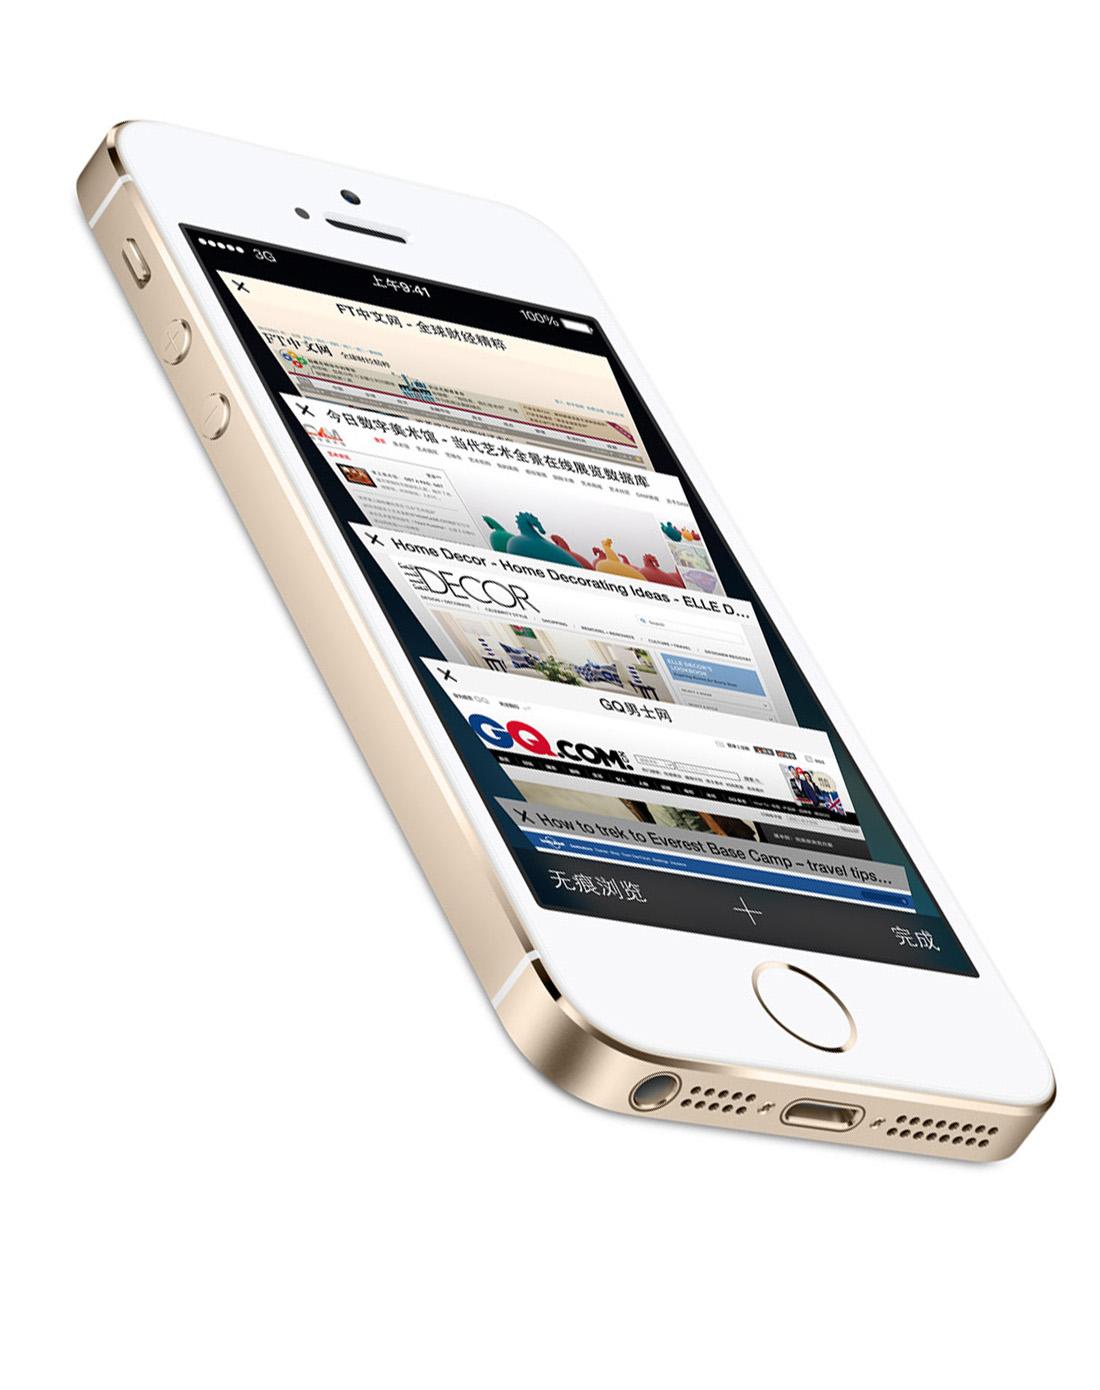 手机iphone5s金色16g面料锦纶纱网苹果图片